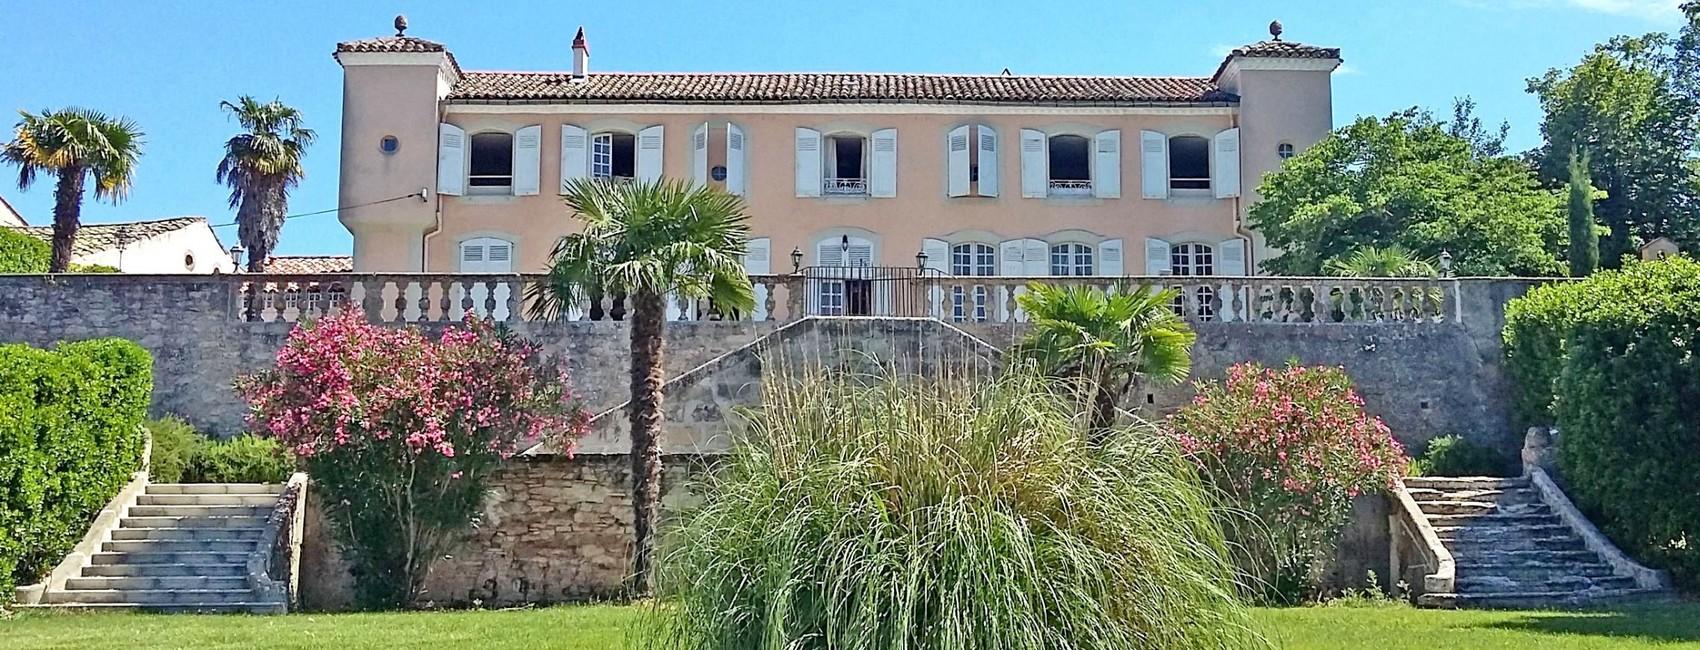 Bienvenue au Château de Saint-Jean-des-Plats